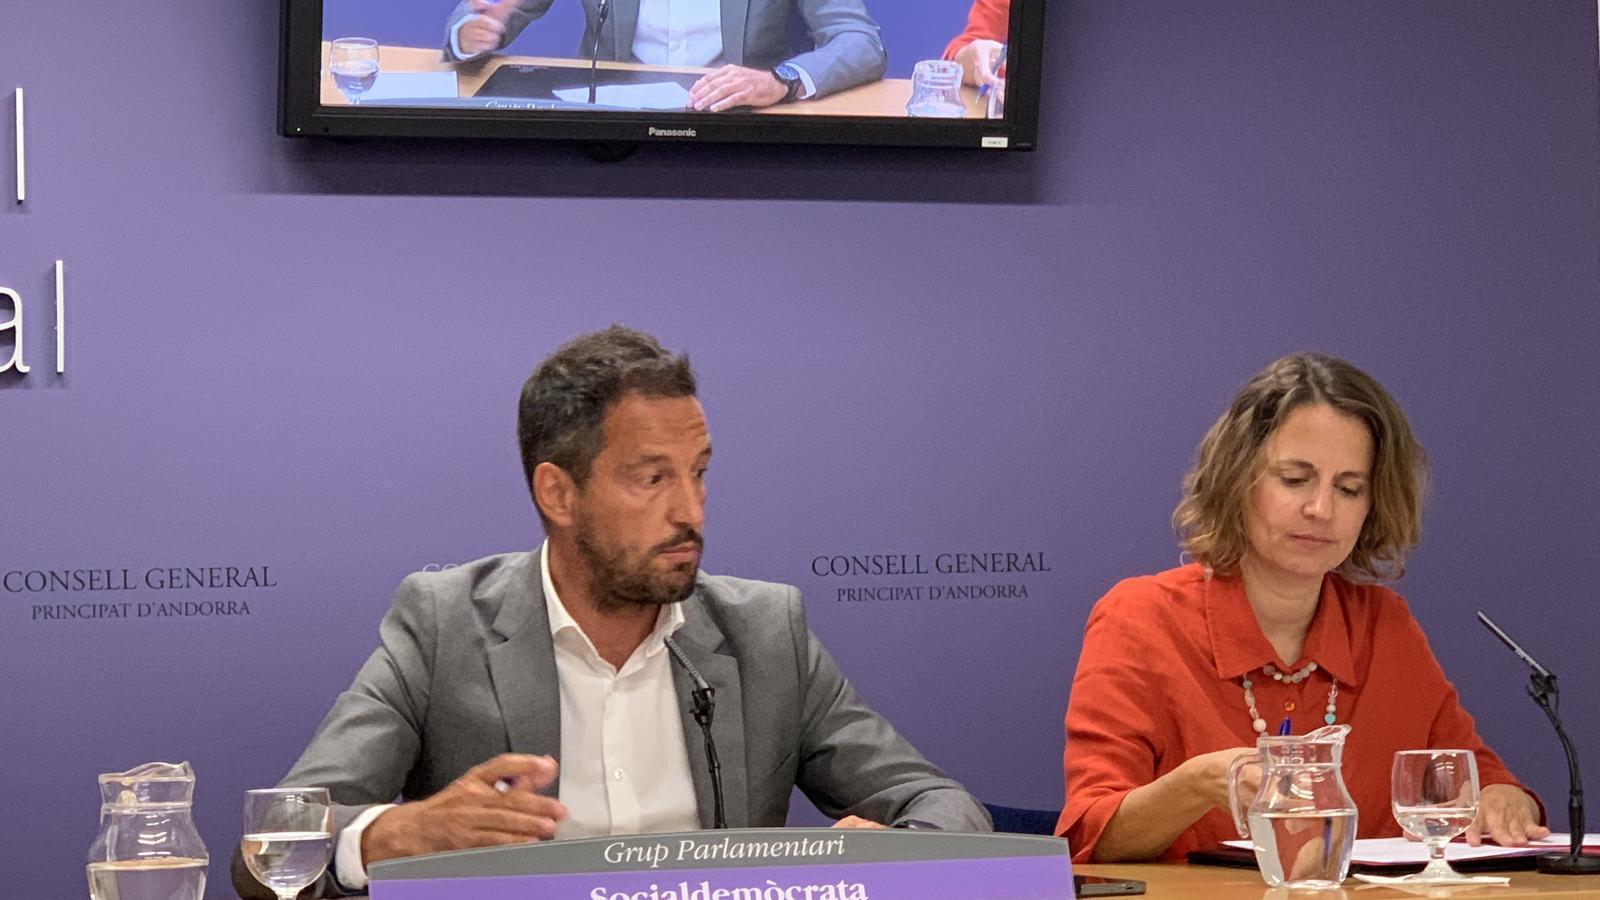 El president del grup parlamentari socialdemòcrata Pere López i la consellera Rosa Gili. / C. A.